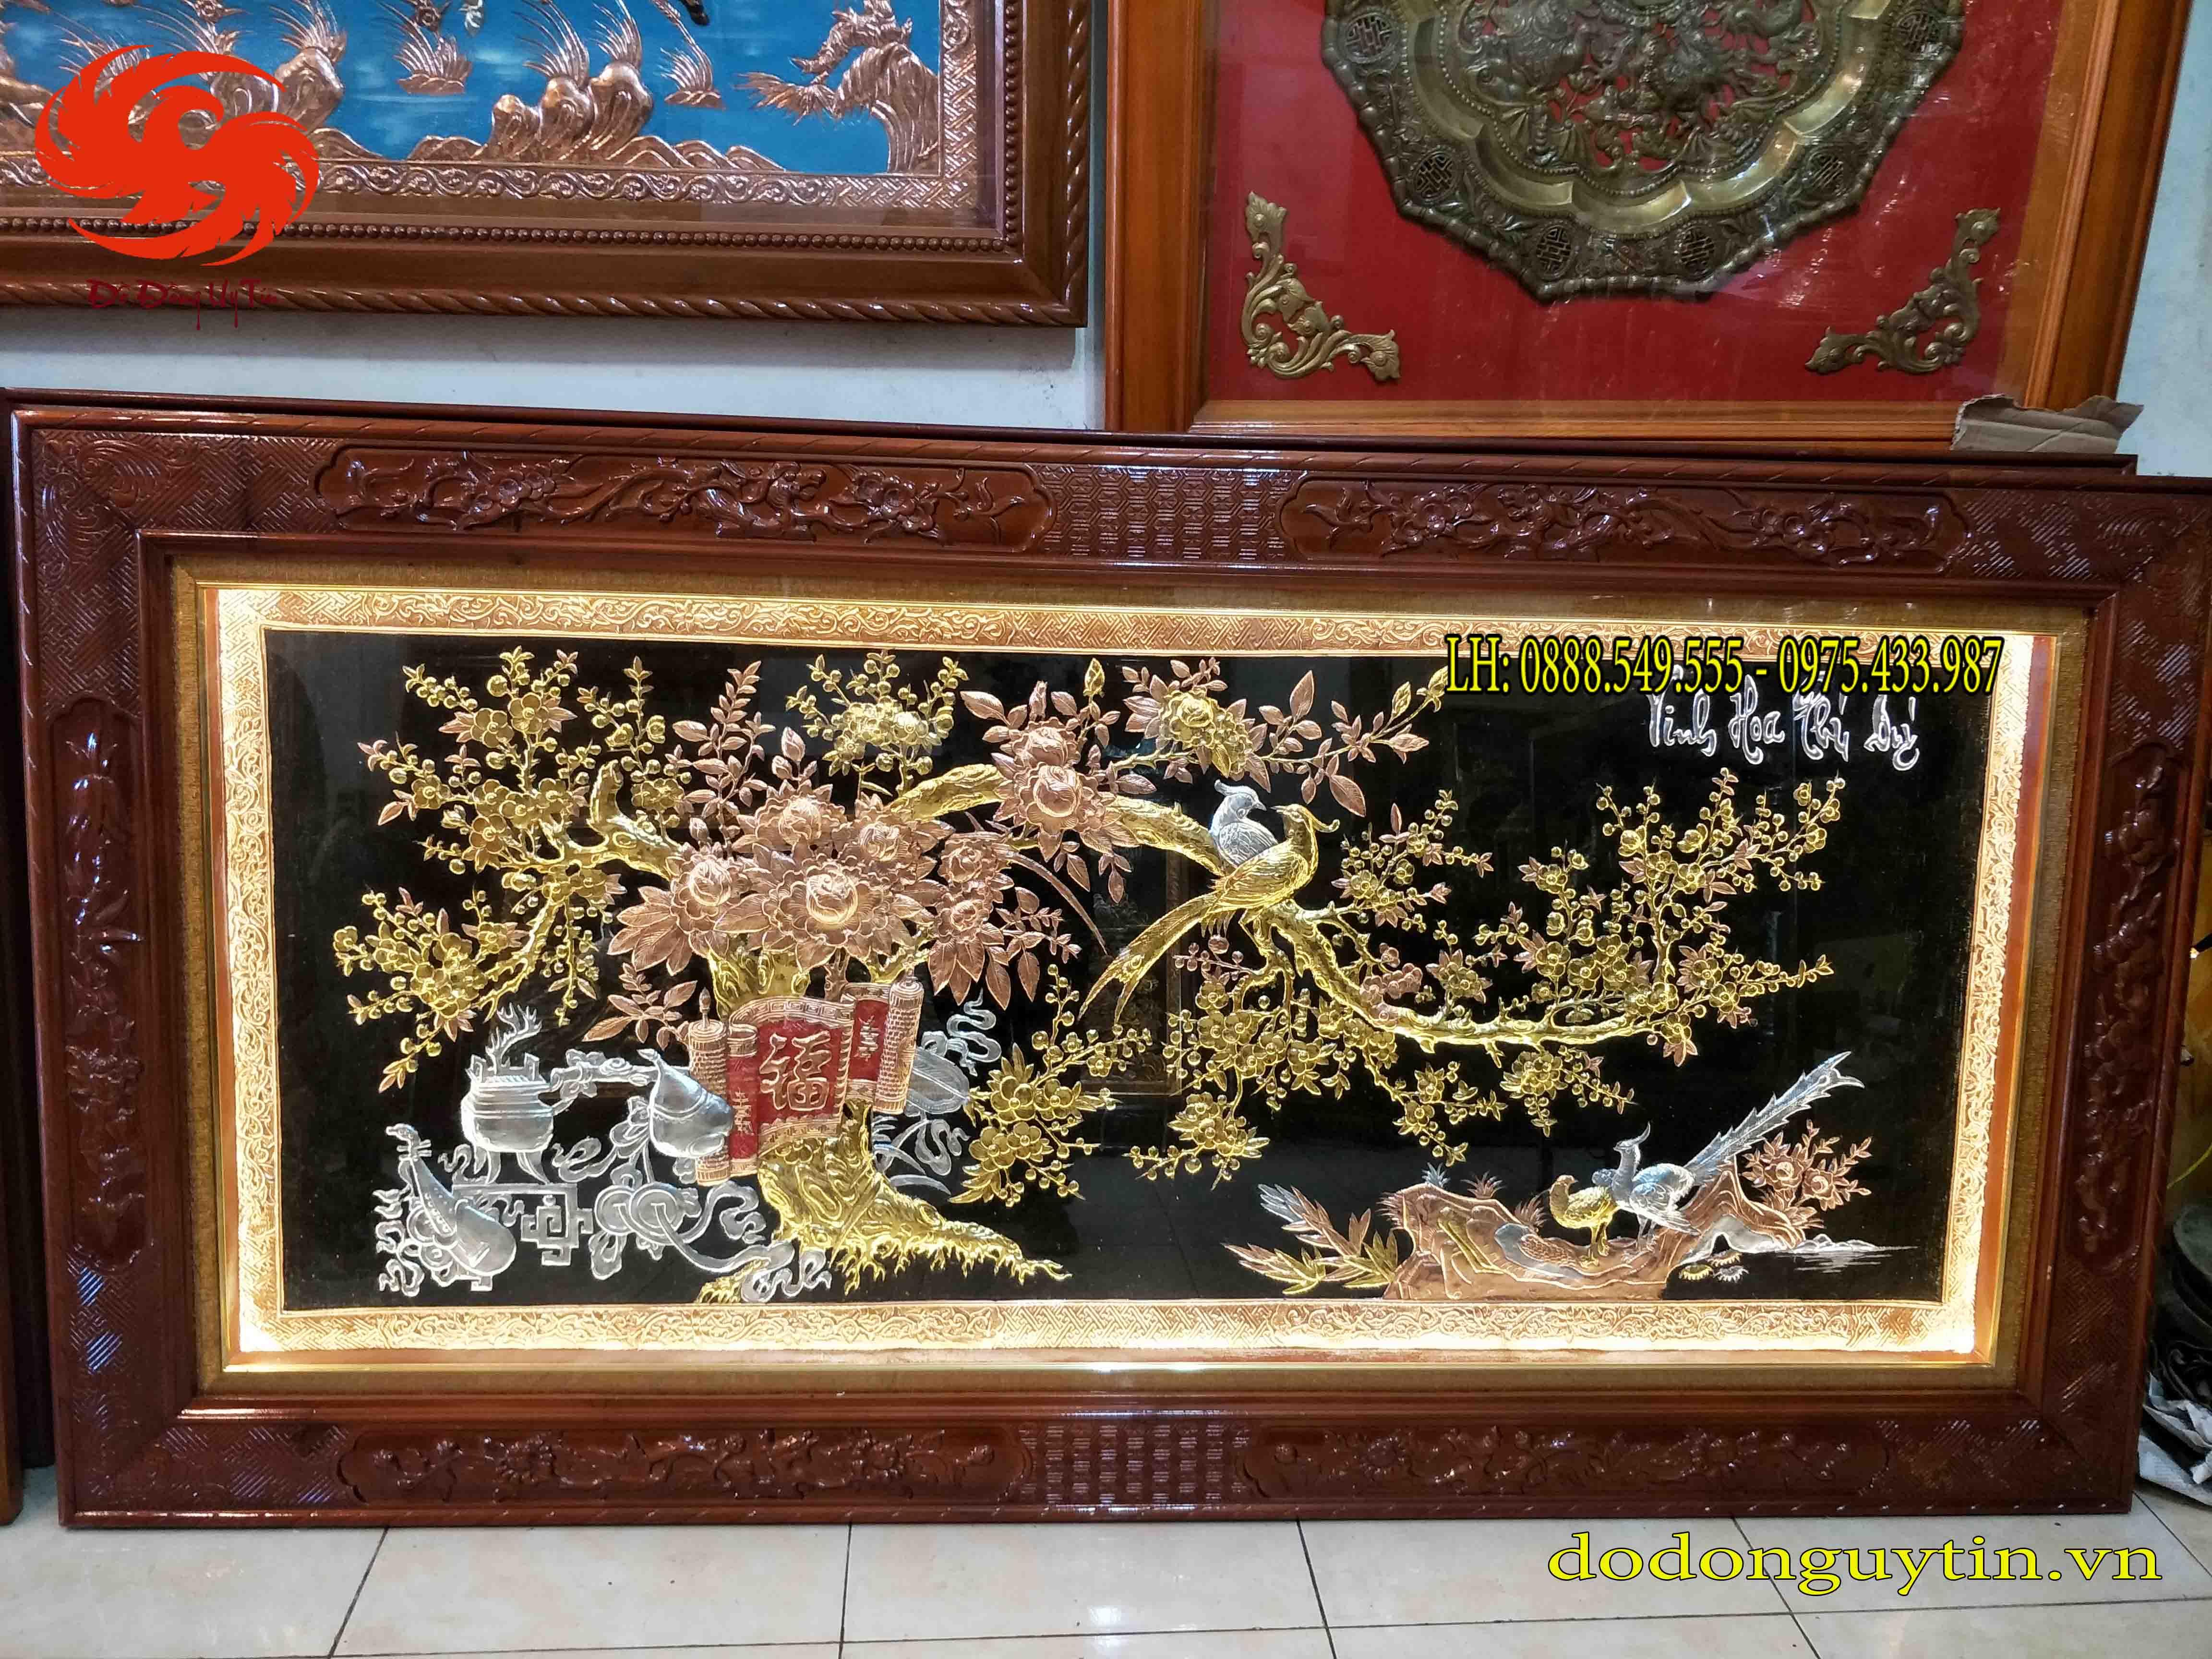 tranh vinh hoa phú quý đồng đỏ dát vàng